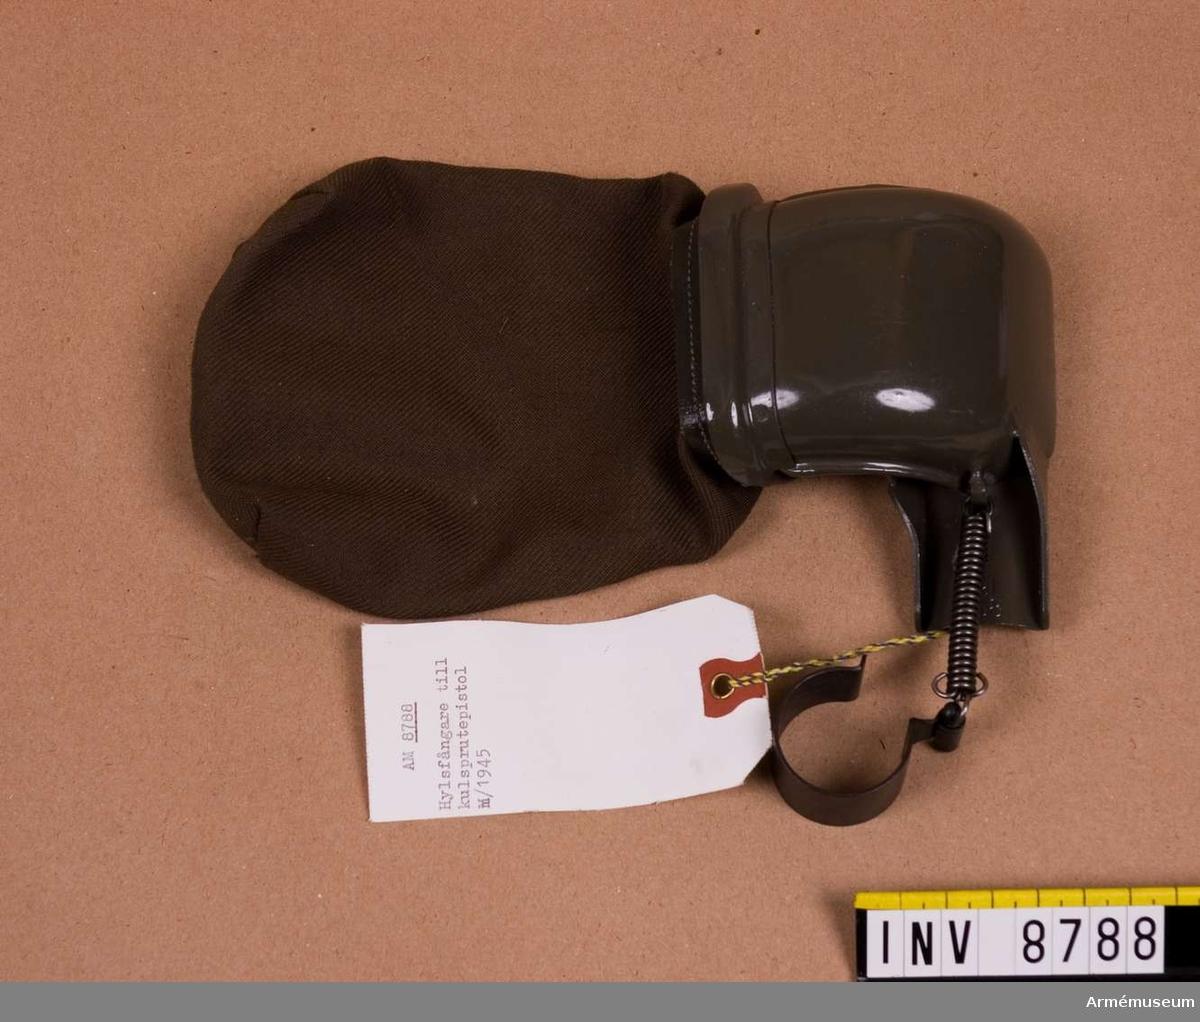 Hylsfångare t kulsprutepistol m/1945.Märkt: L & L 1958.Hylsfångare består av: Hylsavledare, klämring, fästklack och hylspåse av väv. Se Soldatinstruktion för armén Materiel 1969. sid 56-57.